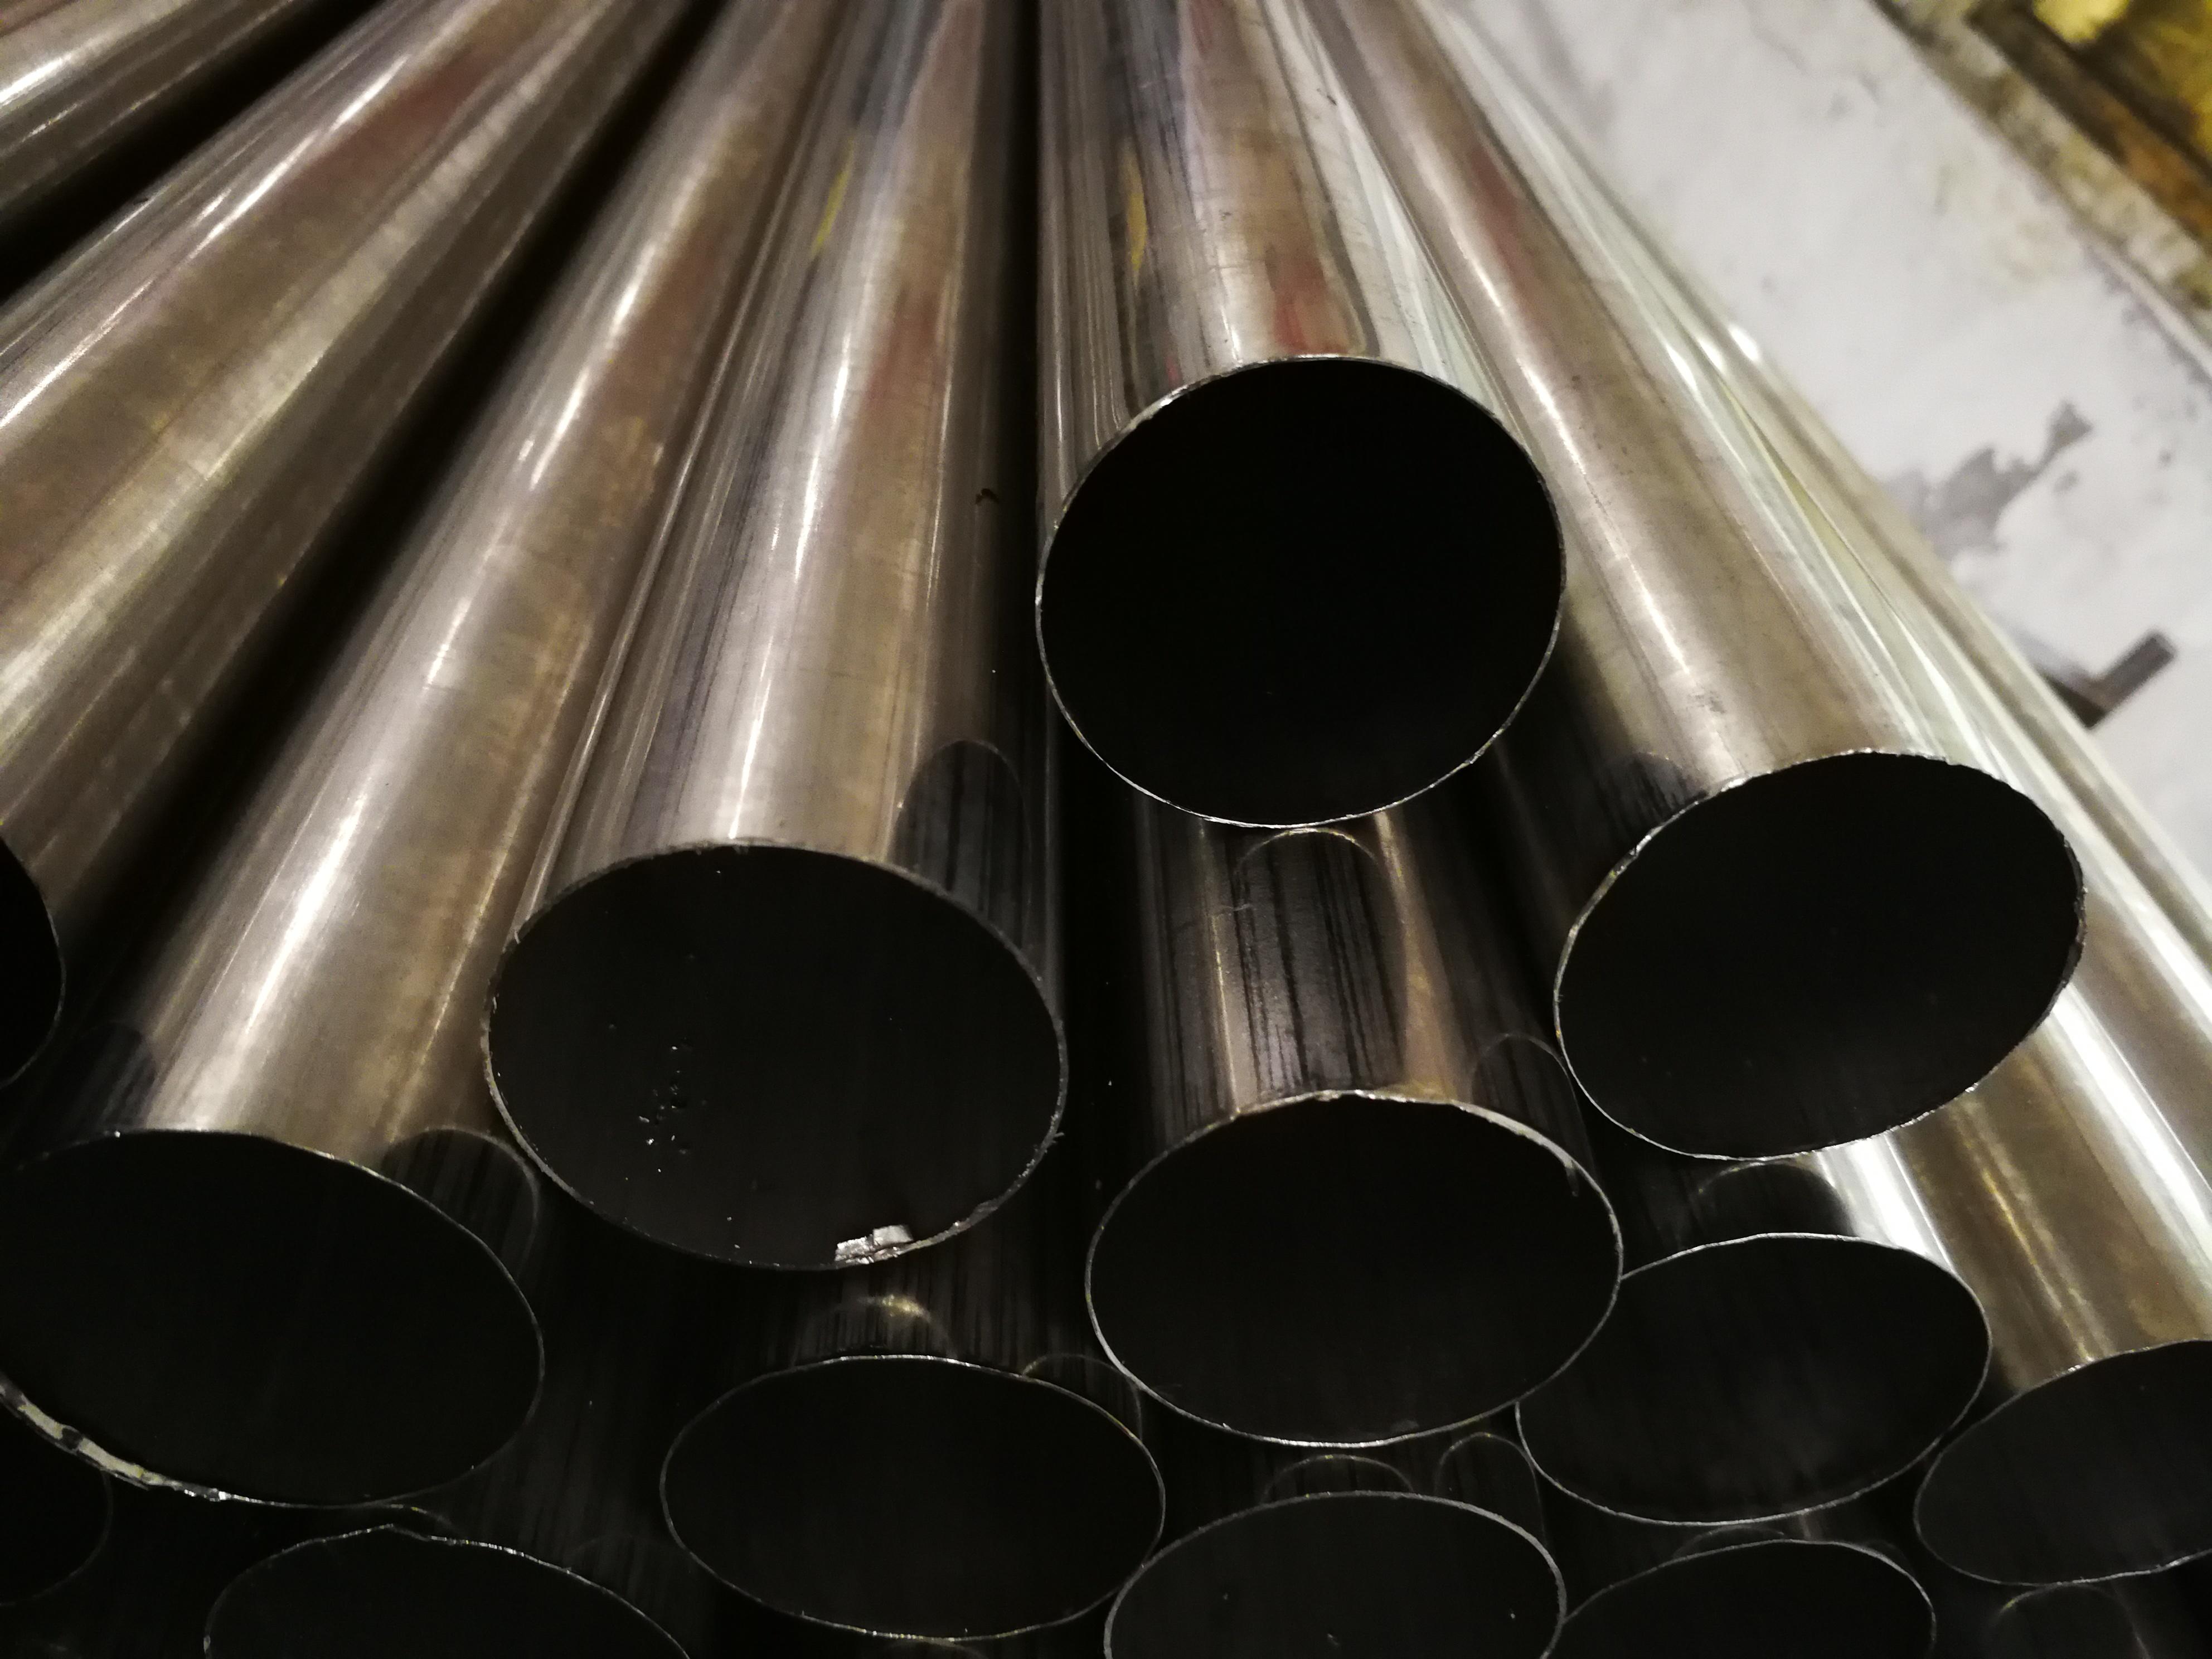 65*2卫生级不锈钢管接受的零件质量并在对质量产生影响之前发现任何变化(图1)